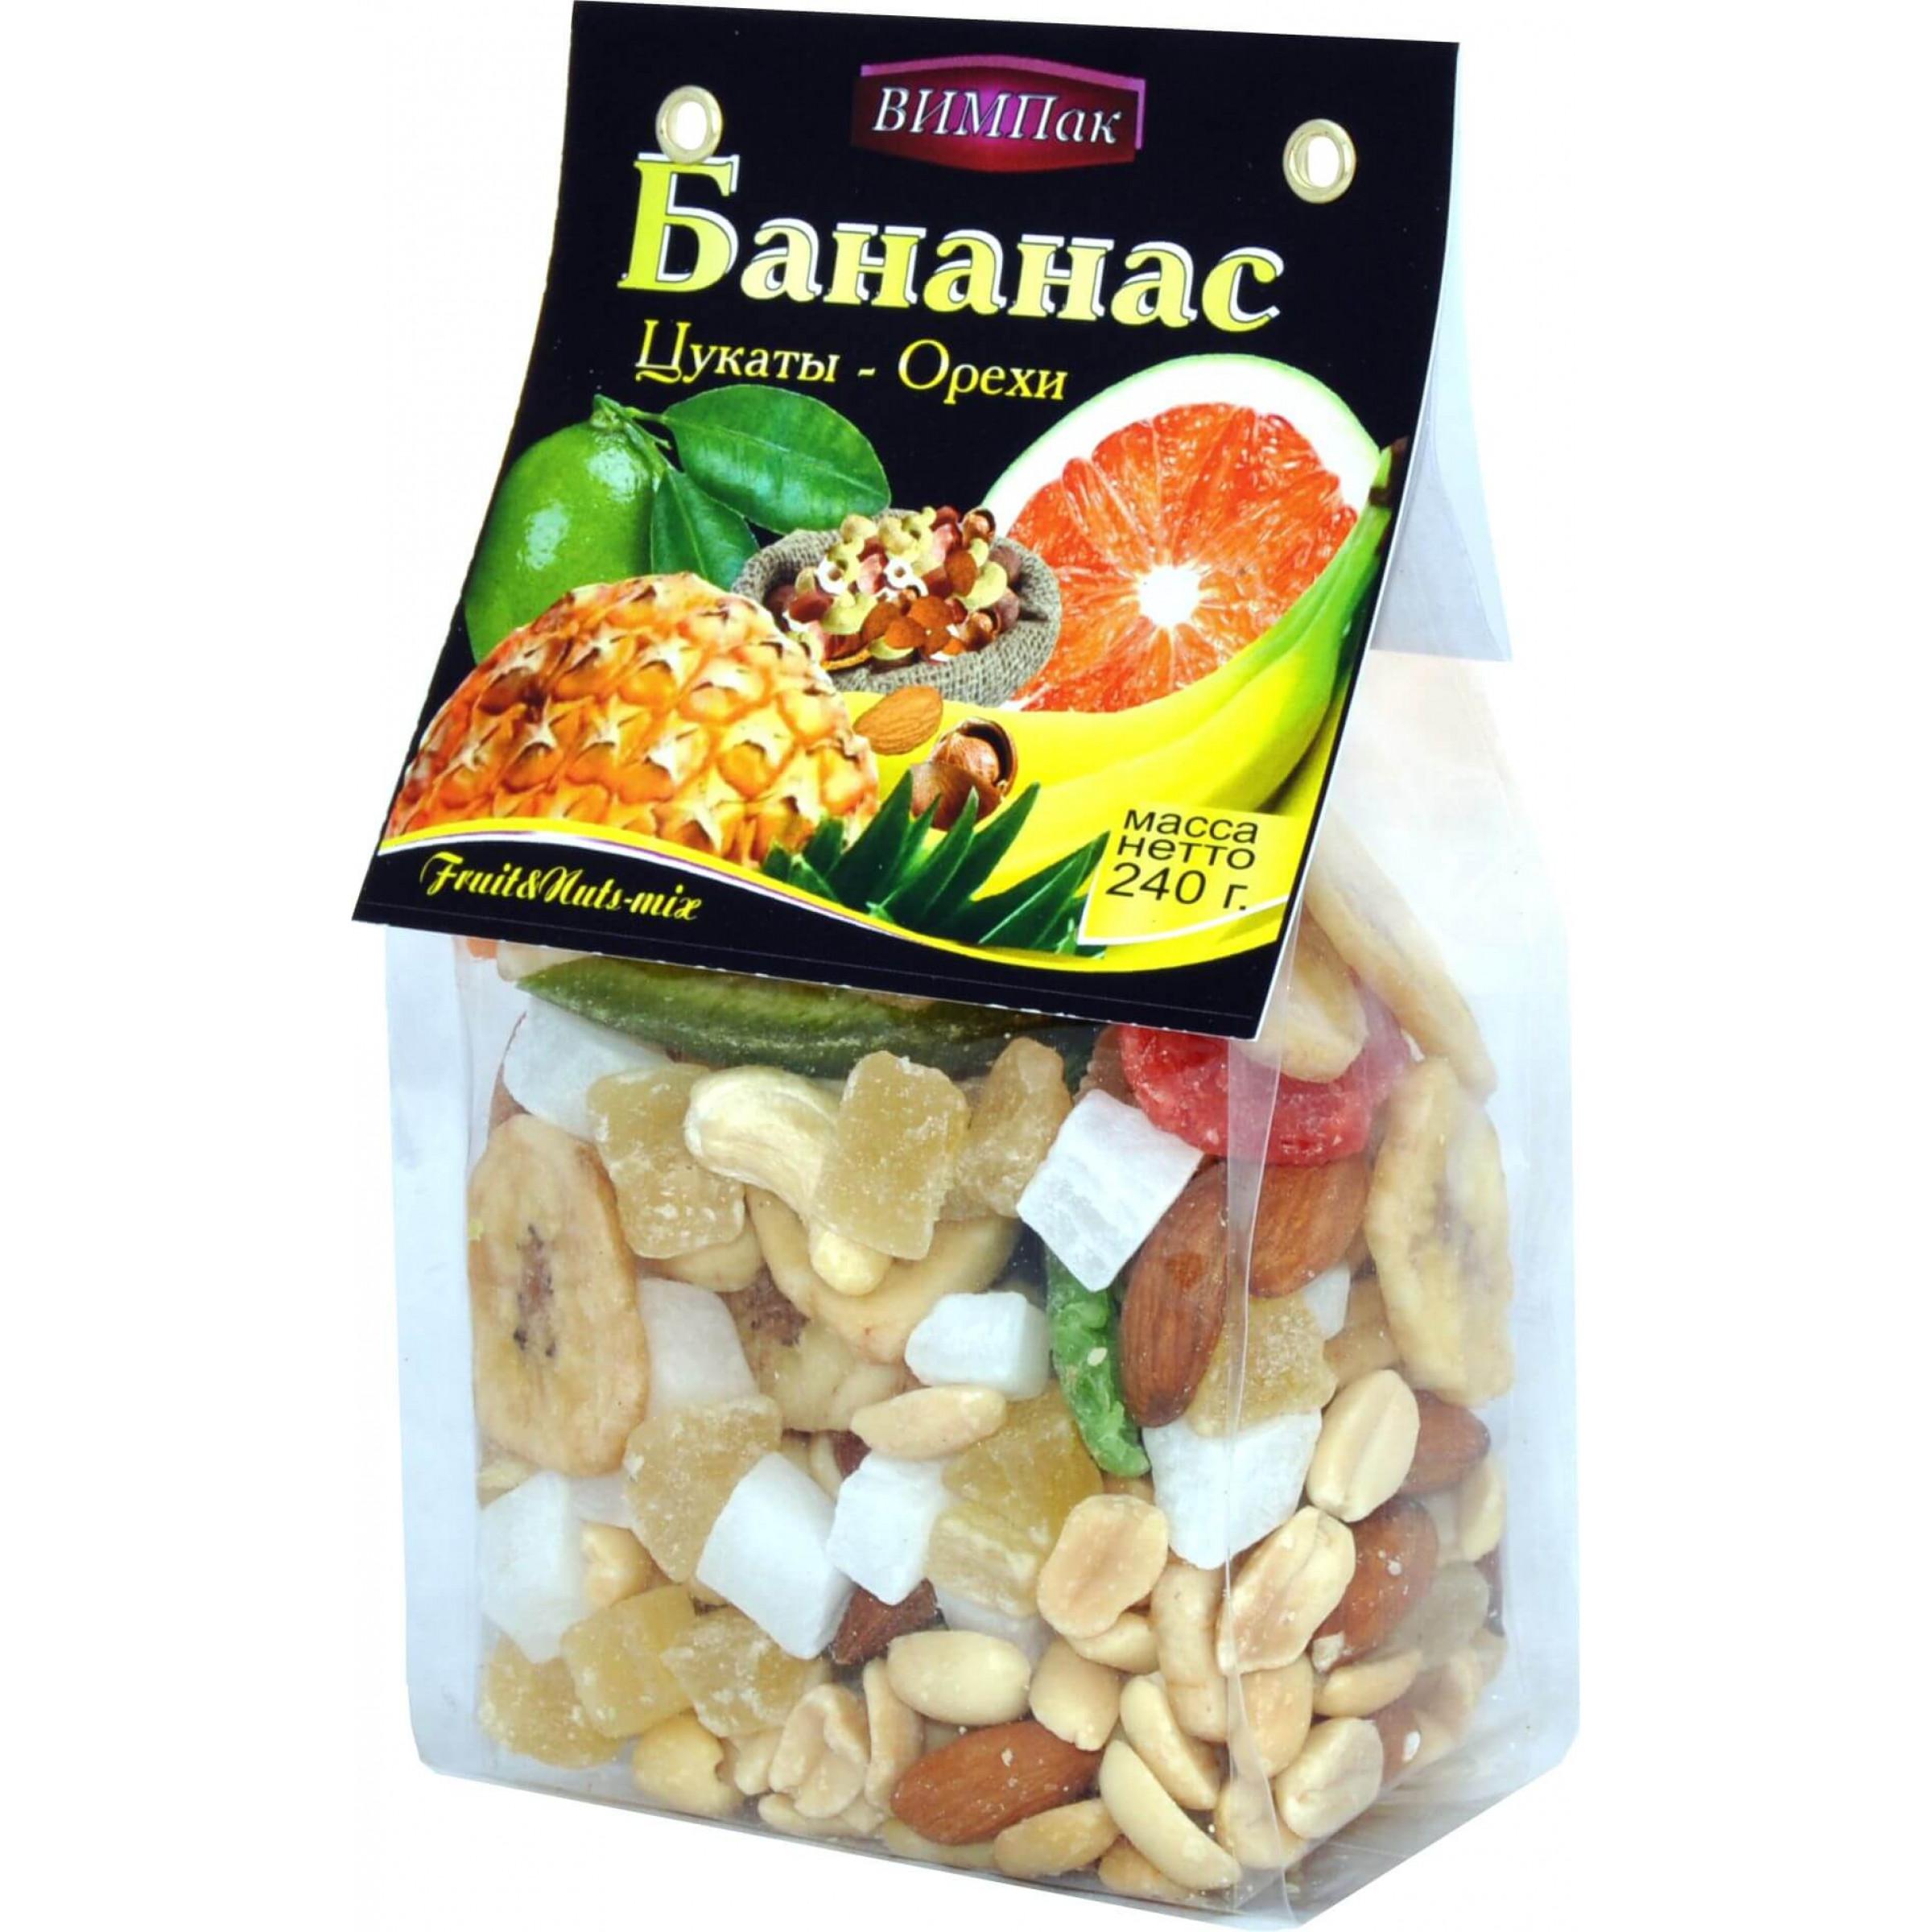 Смесь из сушеных фруктов с орехами ВИМПак (ананас листики, киви, банановые чипсы, кумкват, миндаль, арахис, кешью, фундук ) Автонов, 240гр